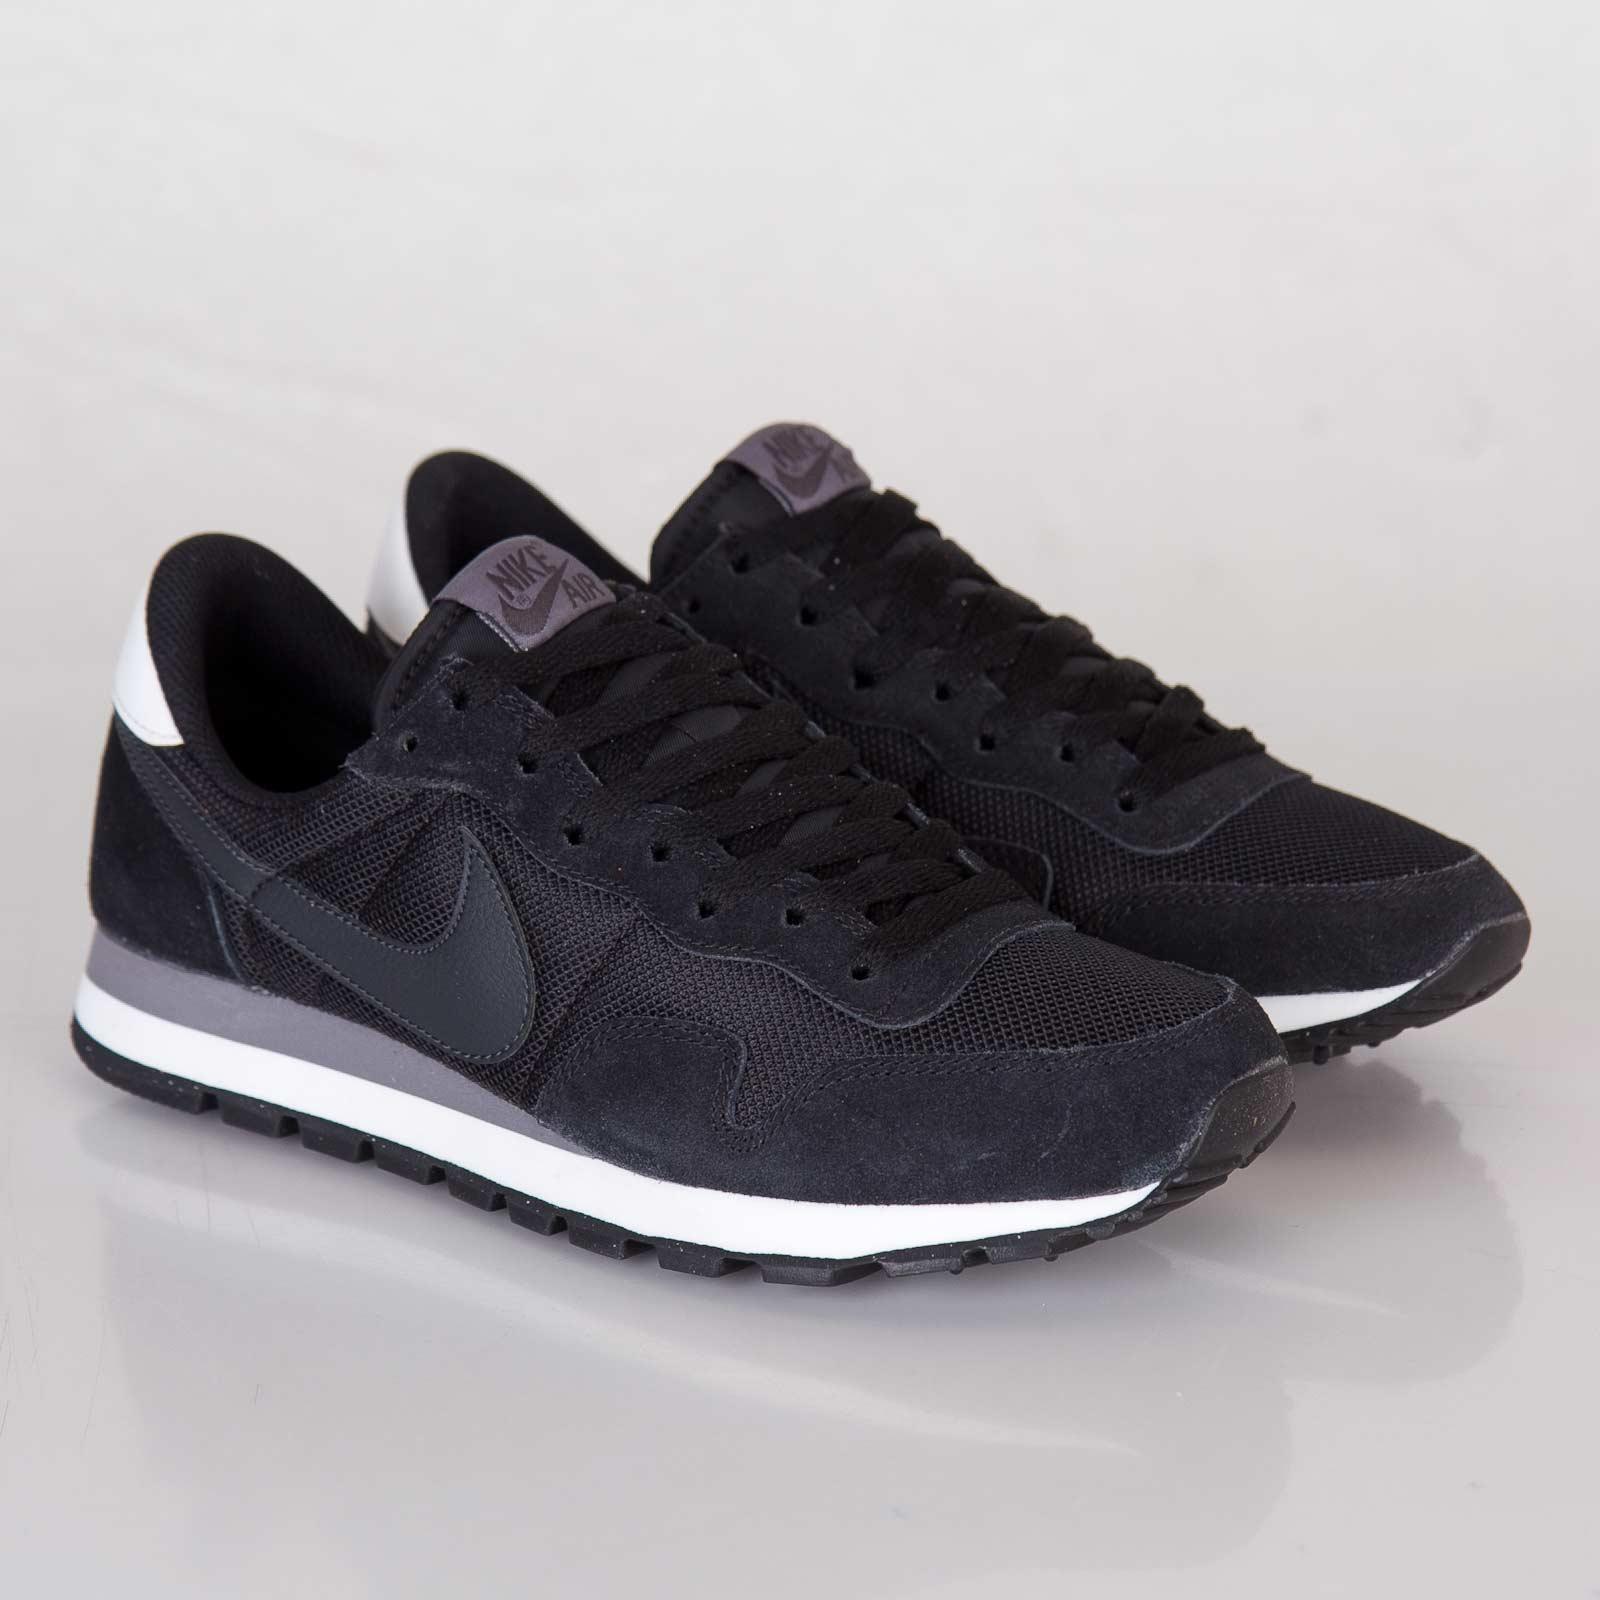 c89e483742d Nike Air Pegasus 83 - 599124-003 - Sneakersnstuff